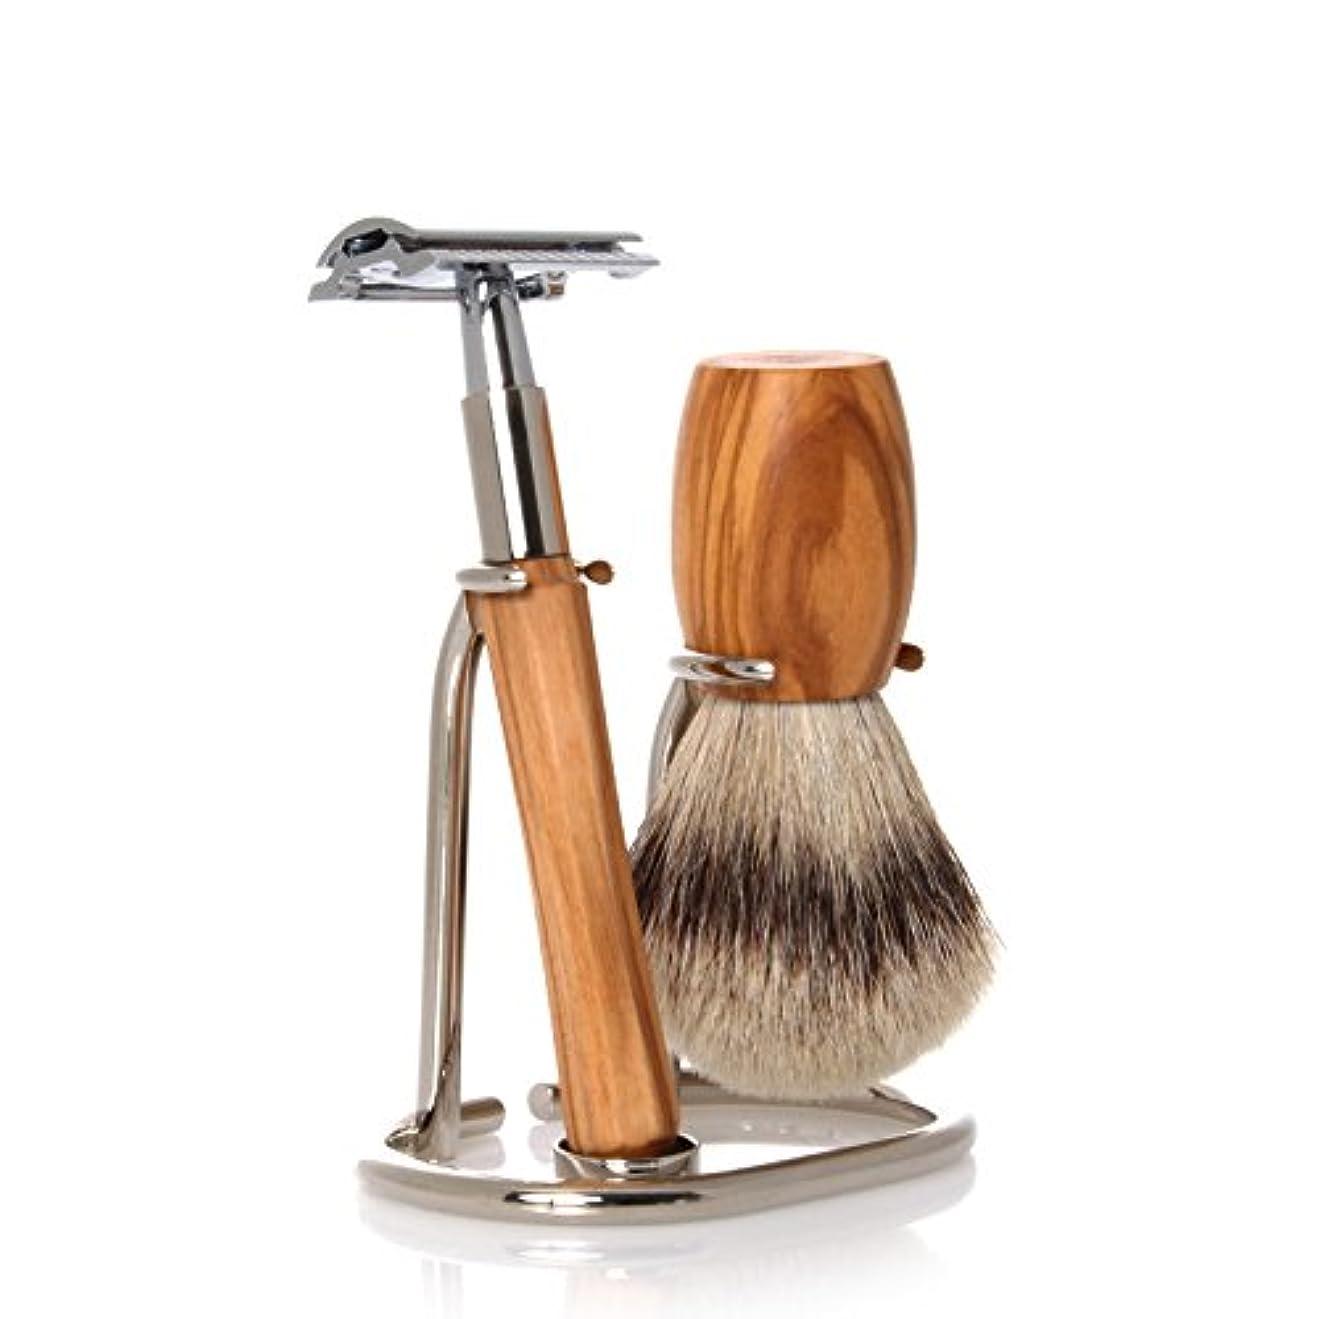 ホラー好戦的な起業家GOLDDACHS Shaving Set, Safety razor, Silvertip, olive wood